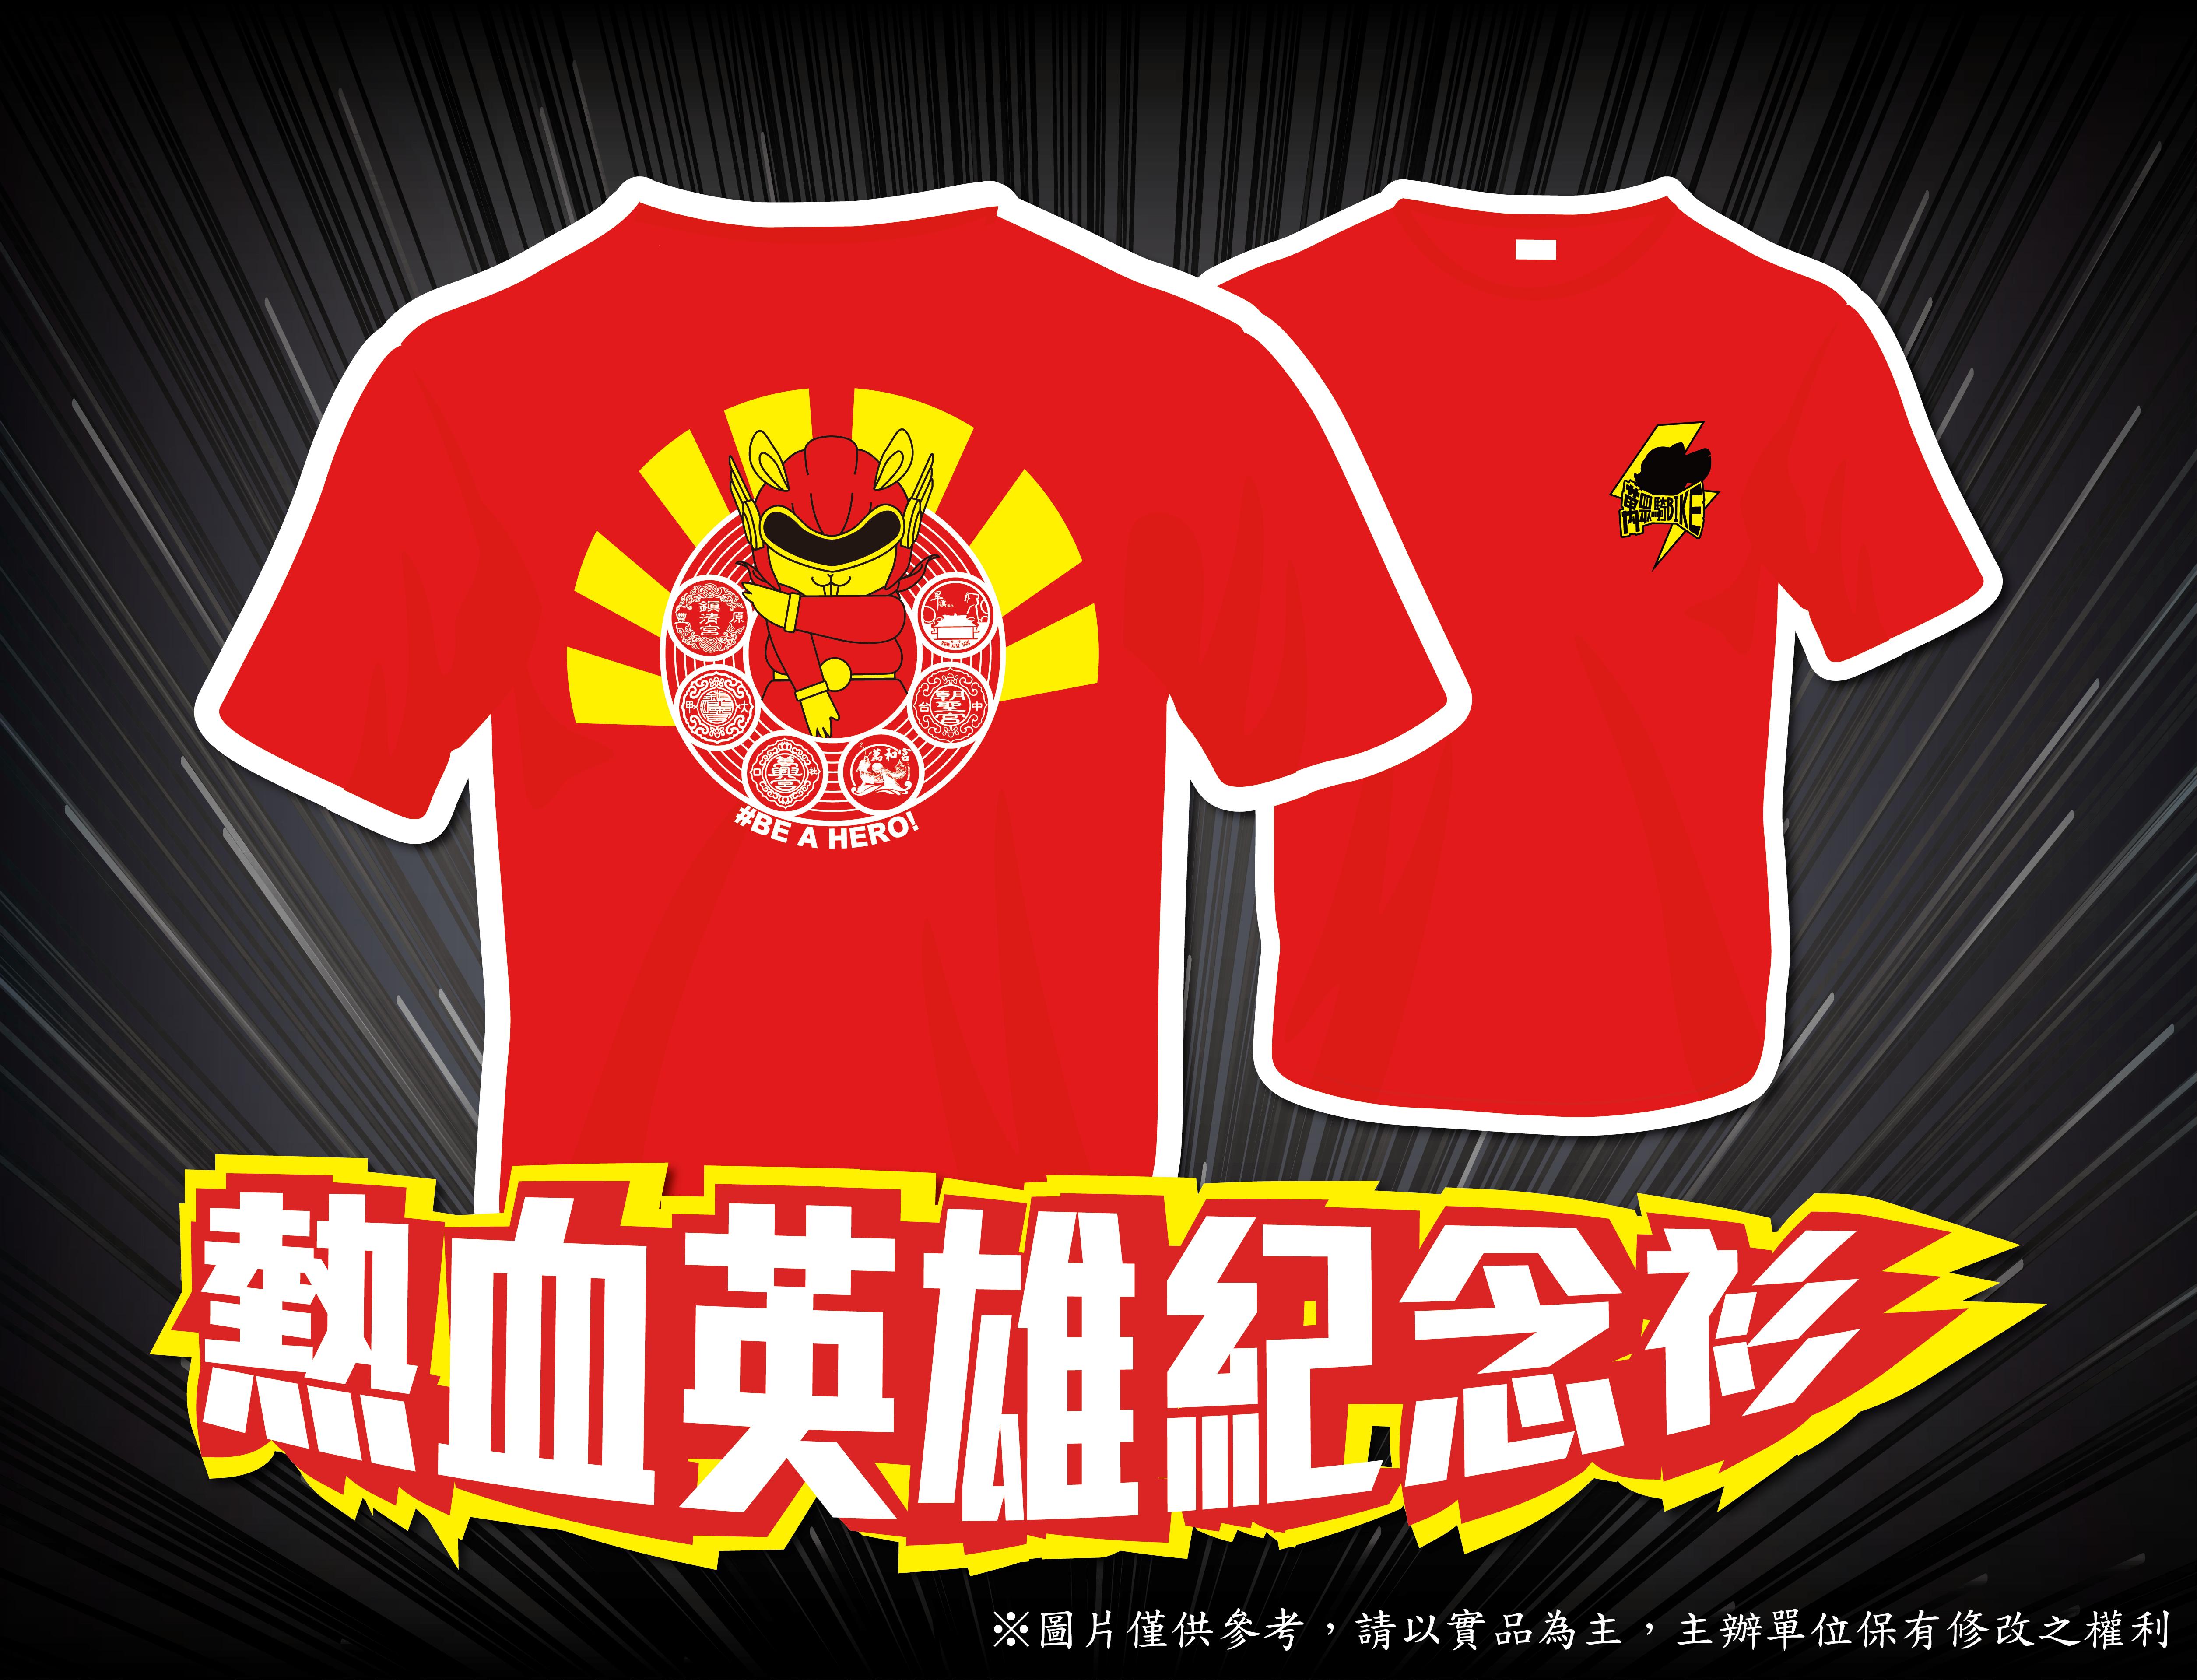 熱血英雄紀念衫